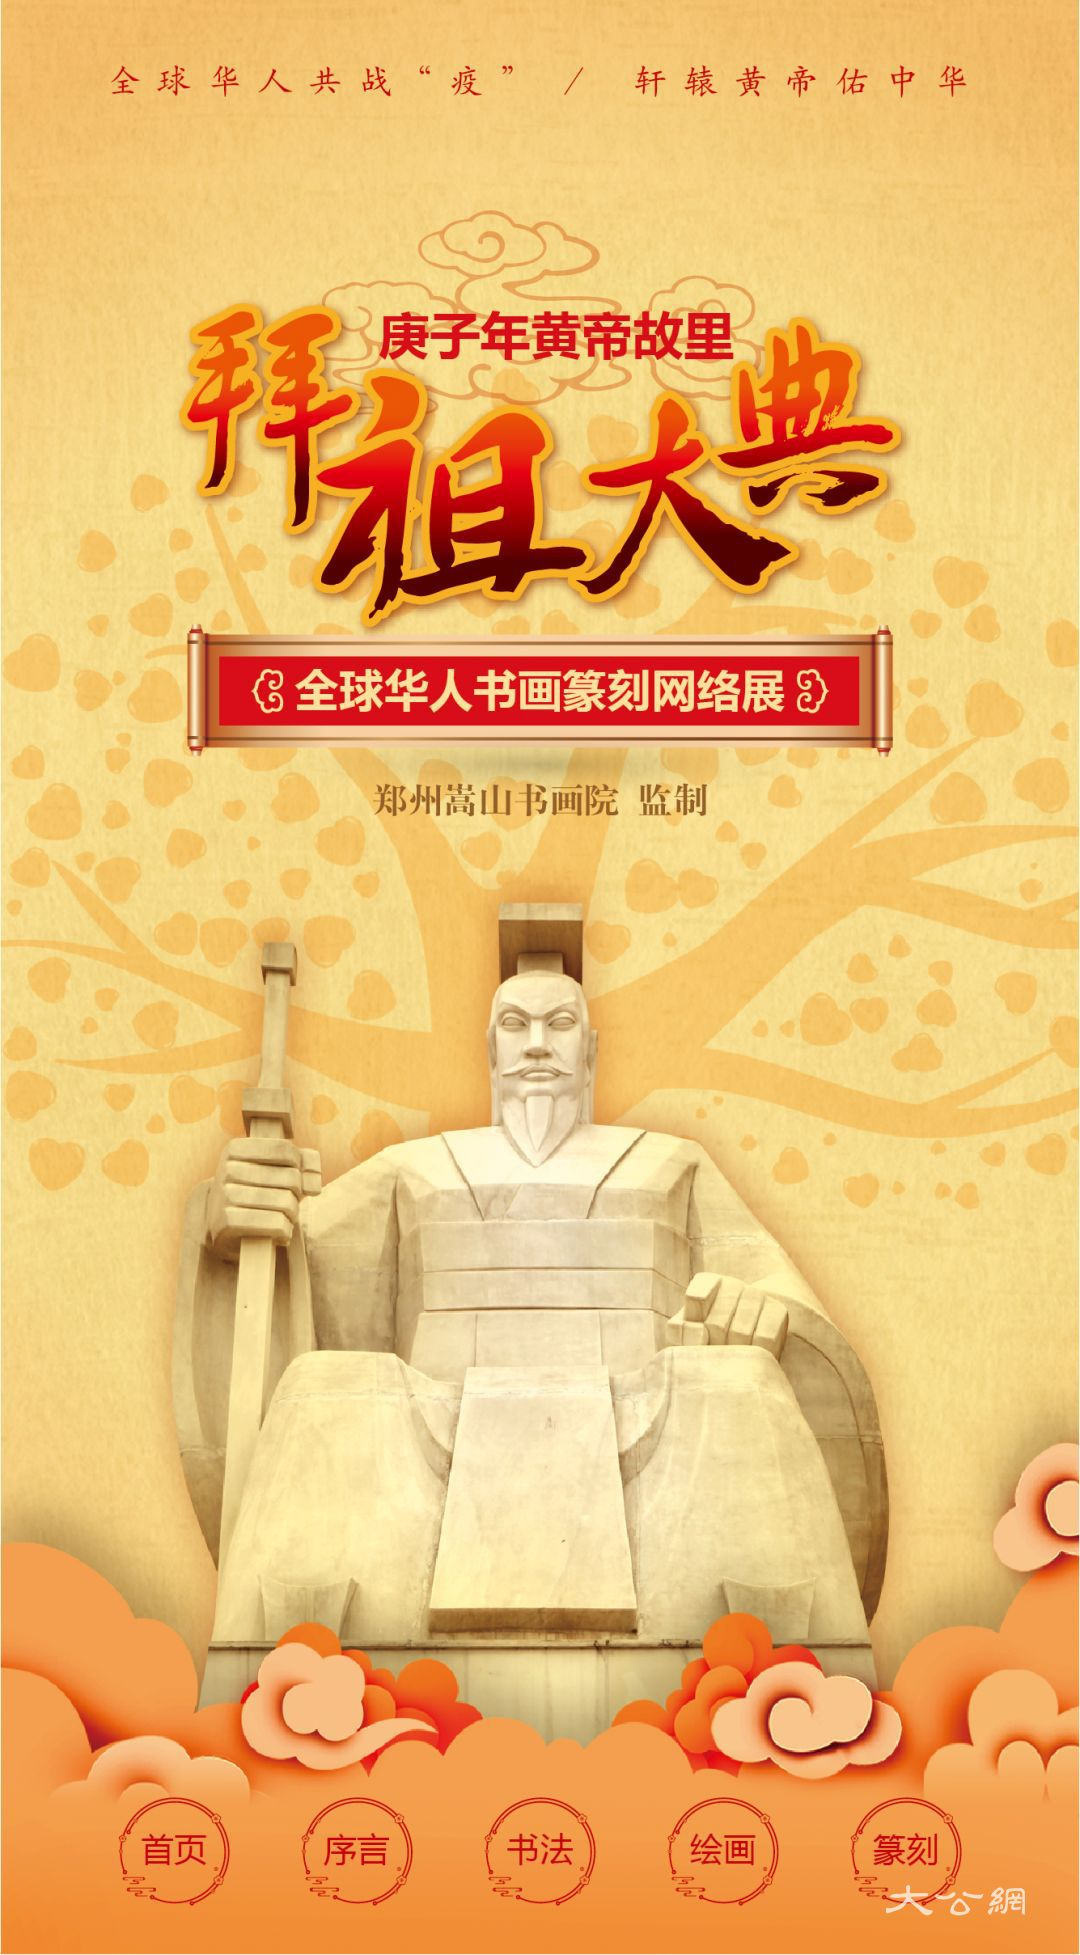 「庚子全球華人書畫篆刻作品網絡展」25日揭幕